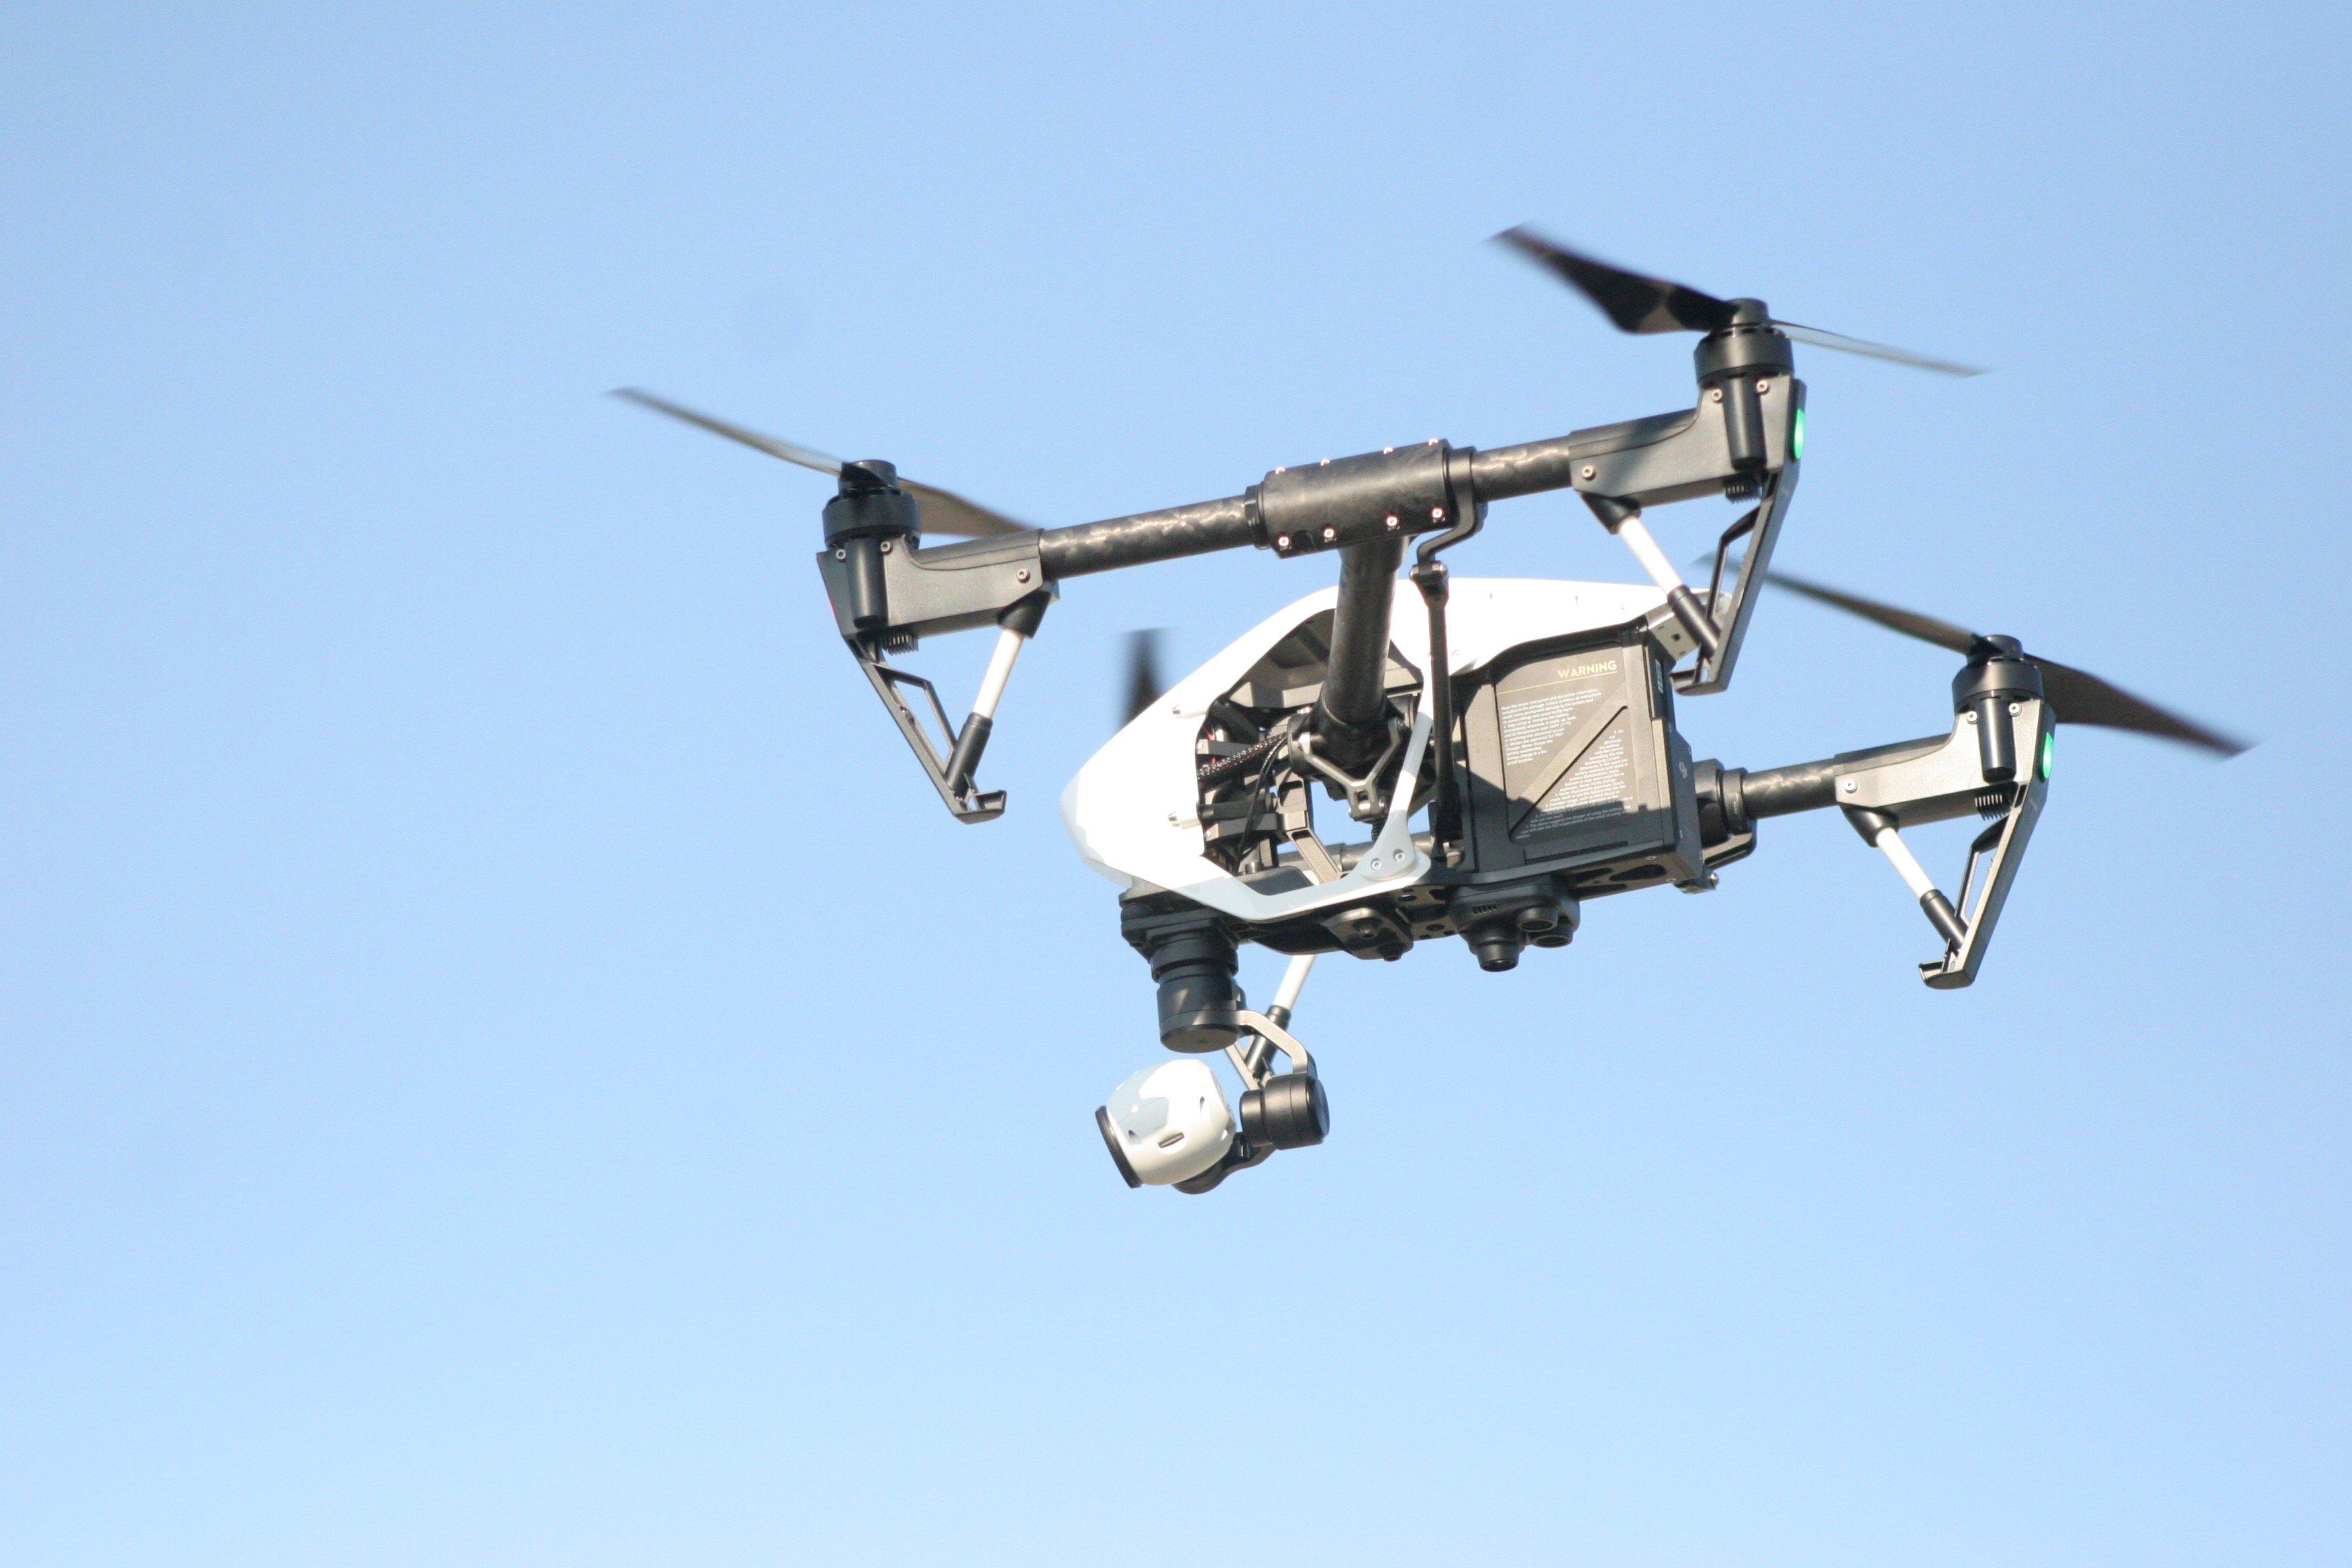 drone-in-flight.jpg